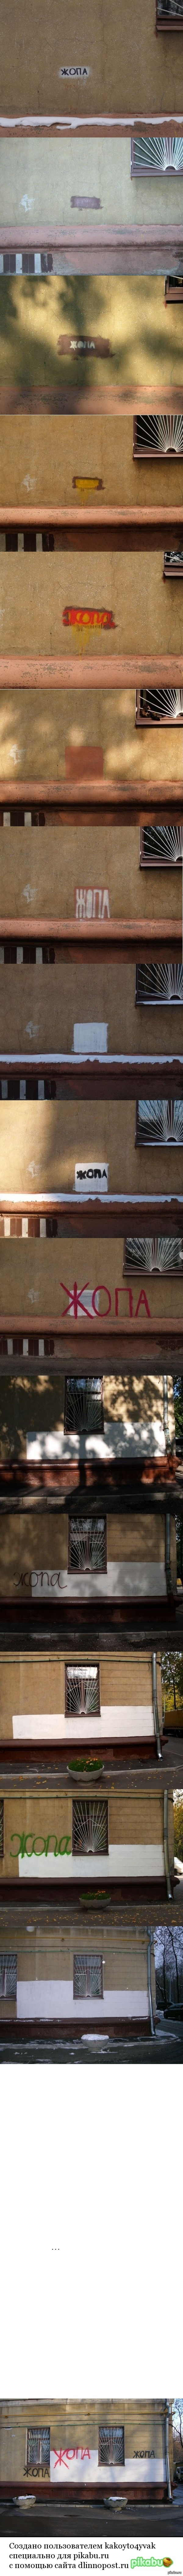 Как покрасить стену с помощью ЖКХ вандализм или благоустройство?